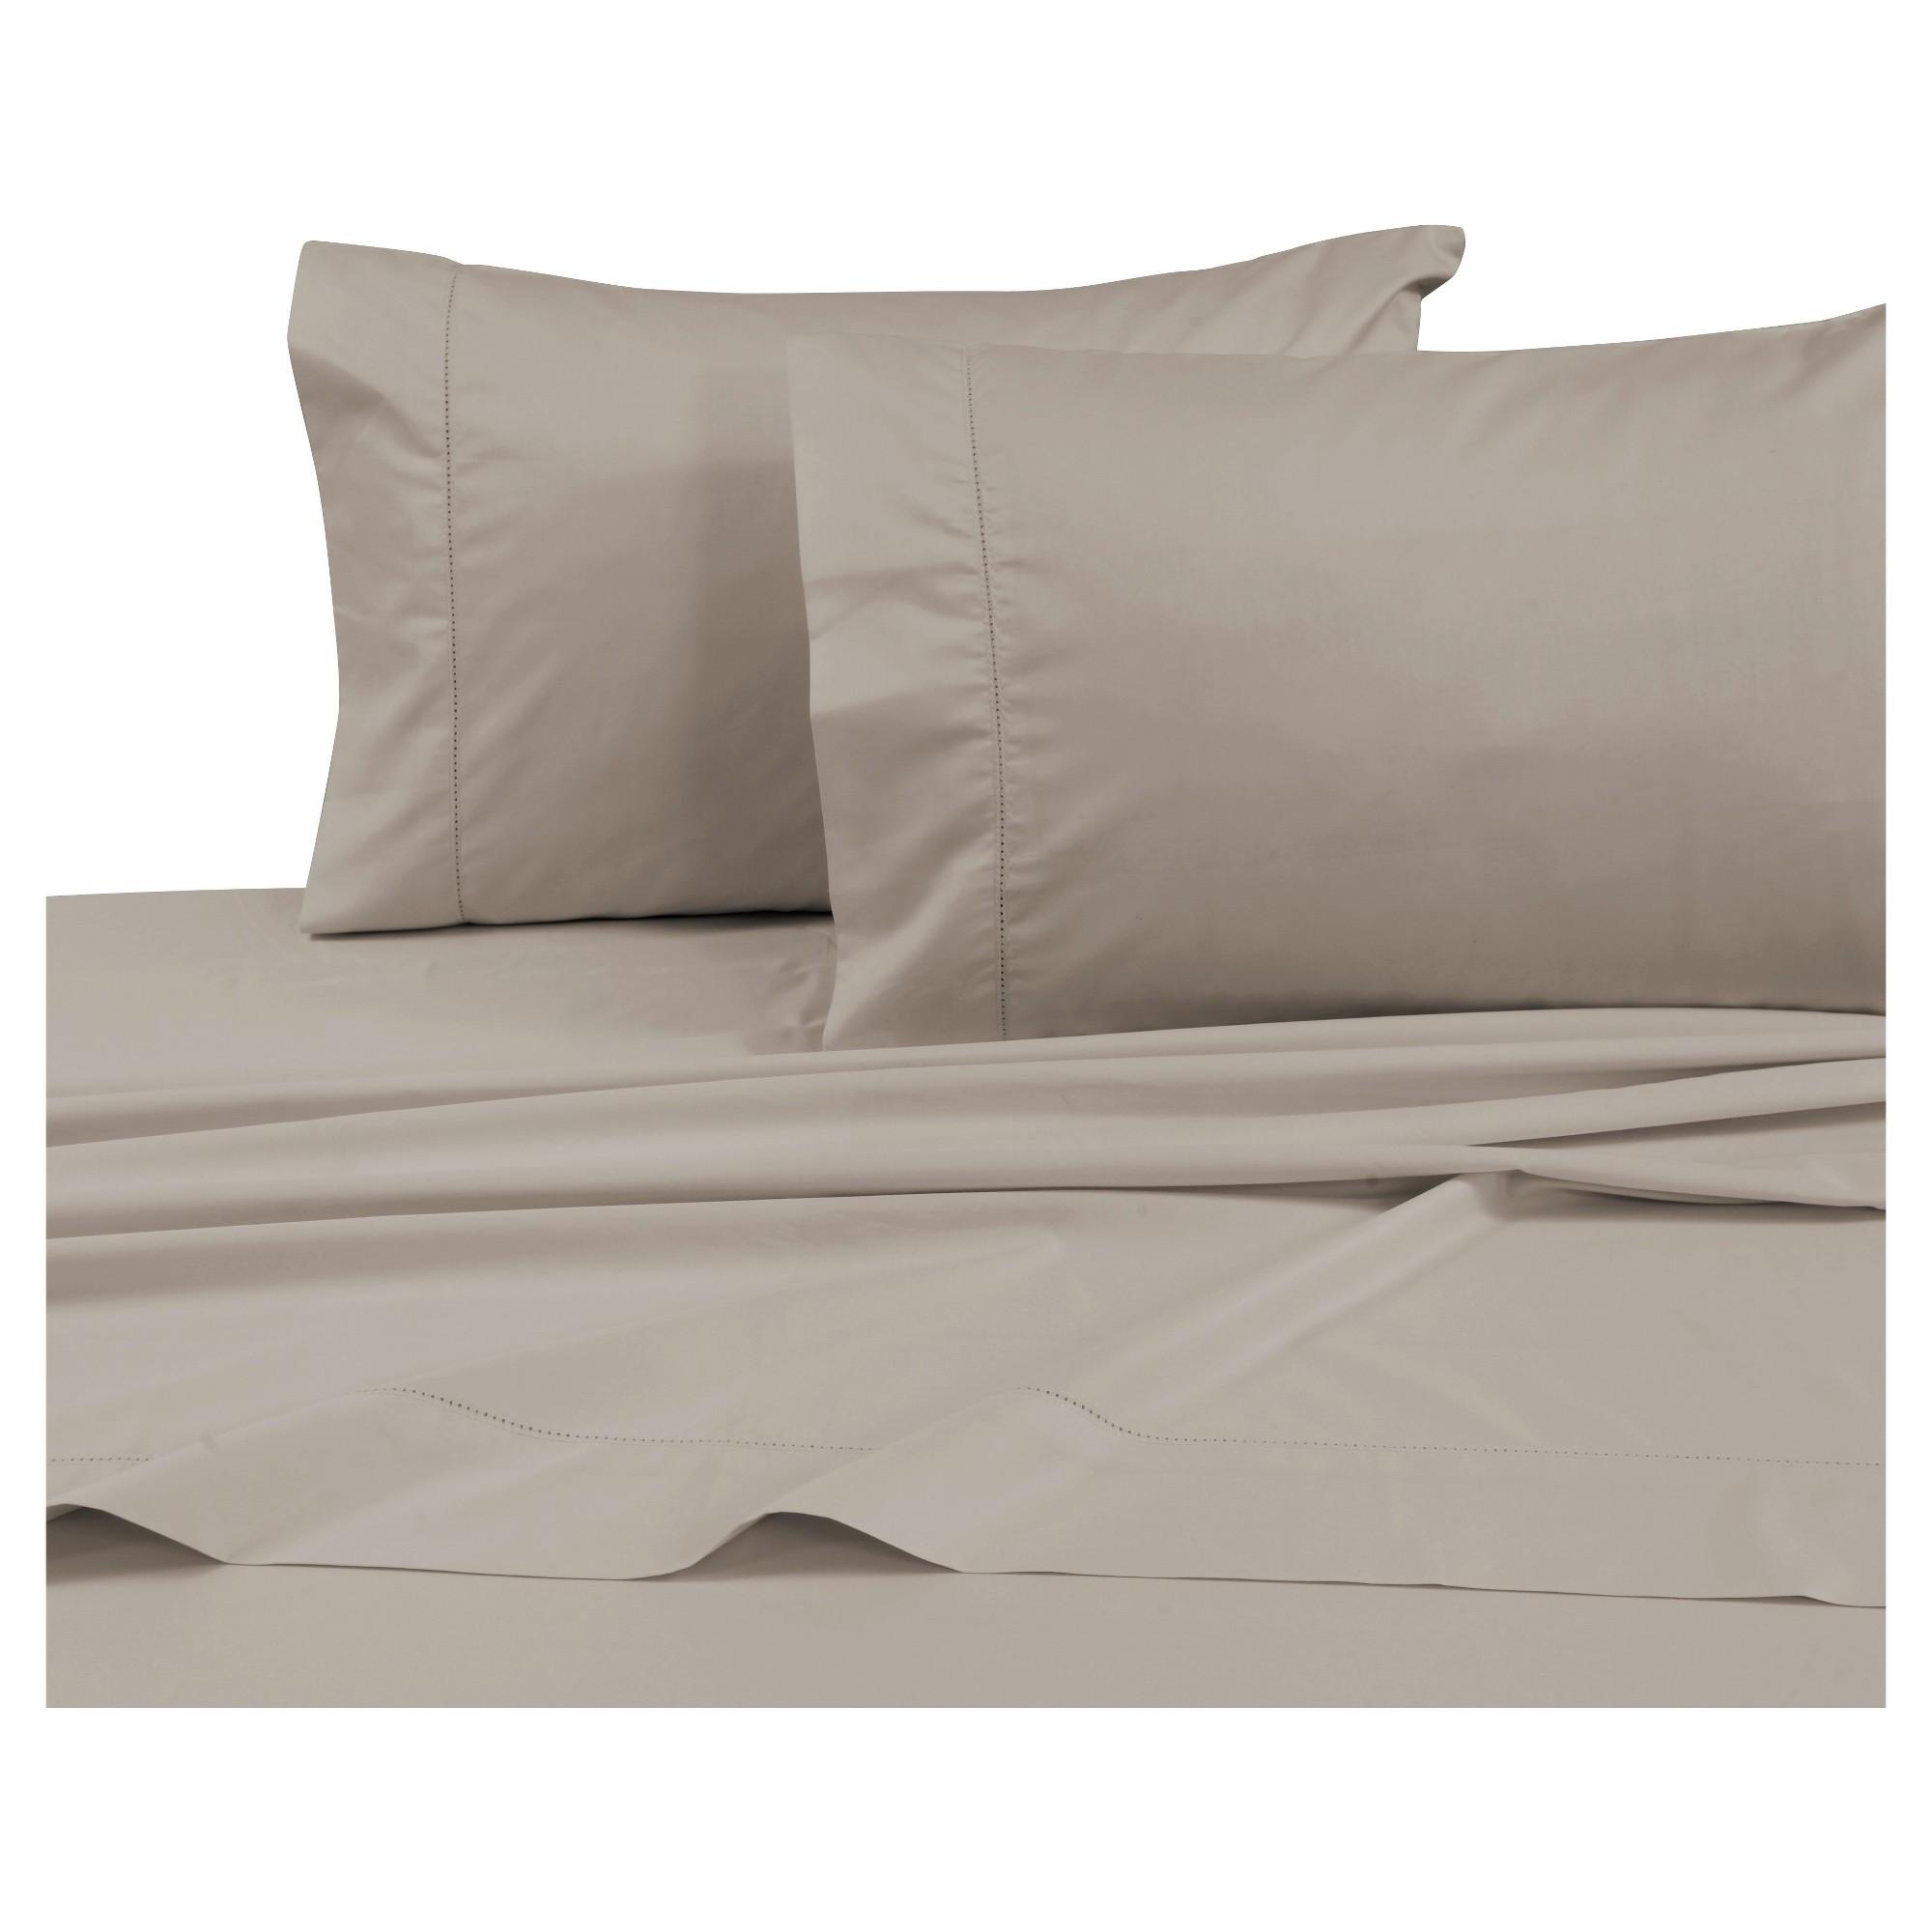 Cotton sateen deep pocket sheet set queen taupe 750